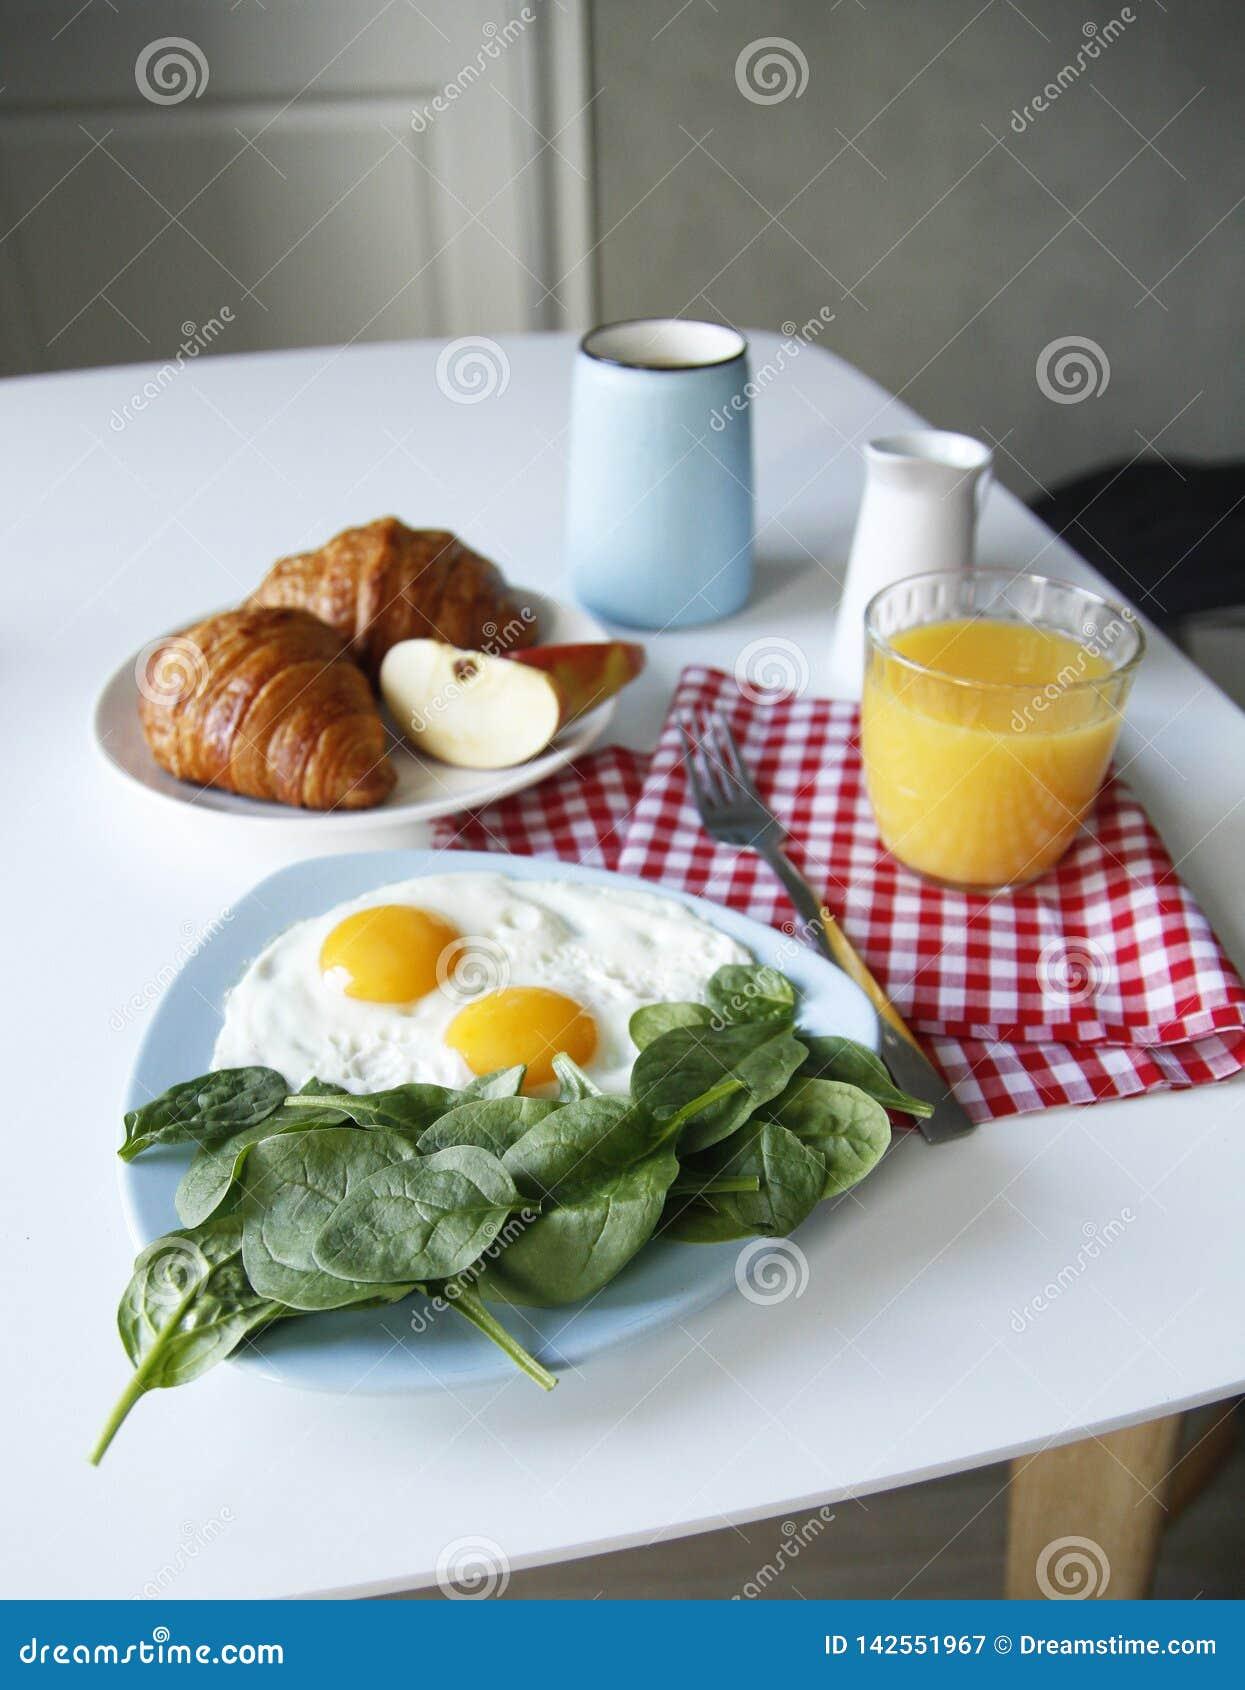 Breakfast. side view. light background